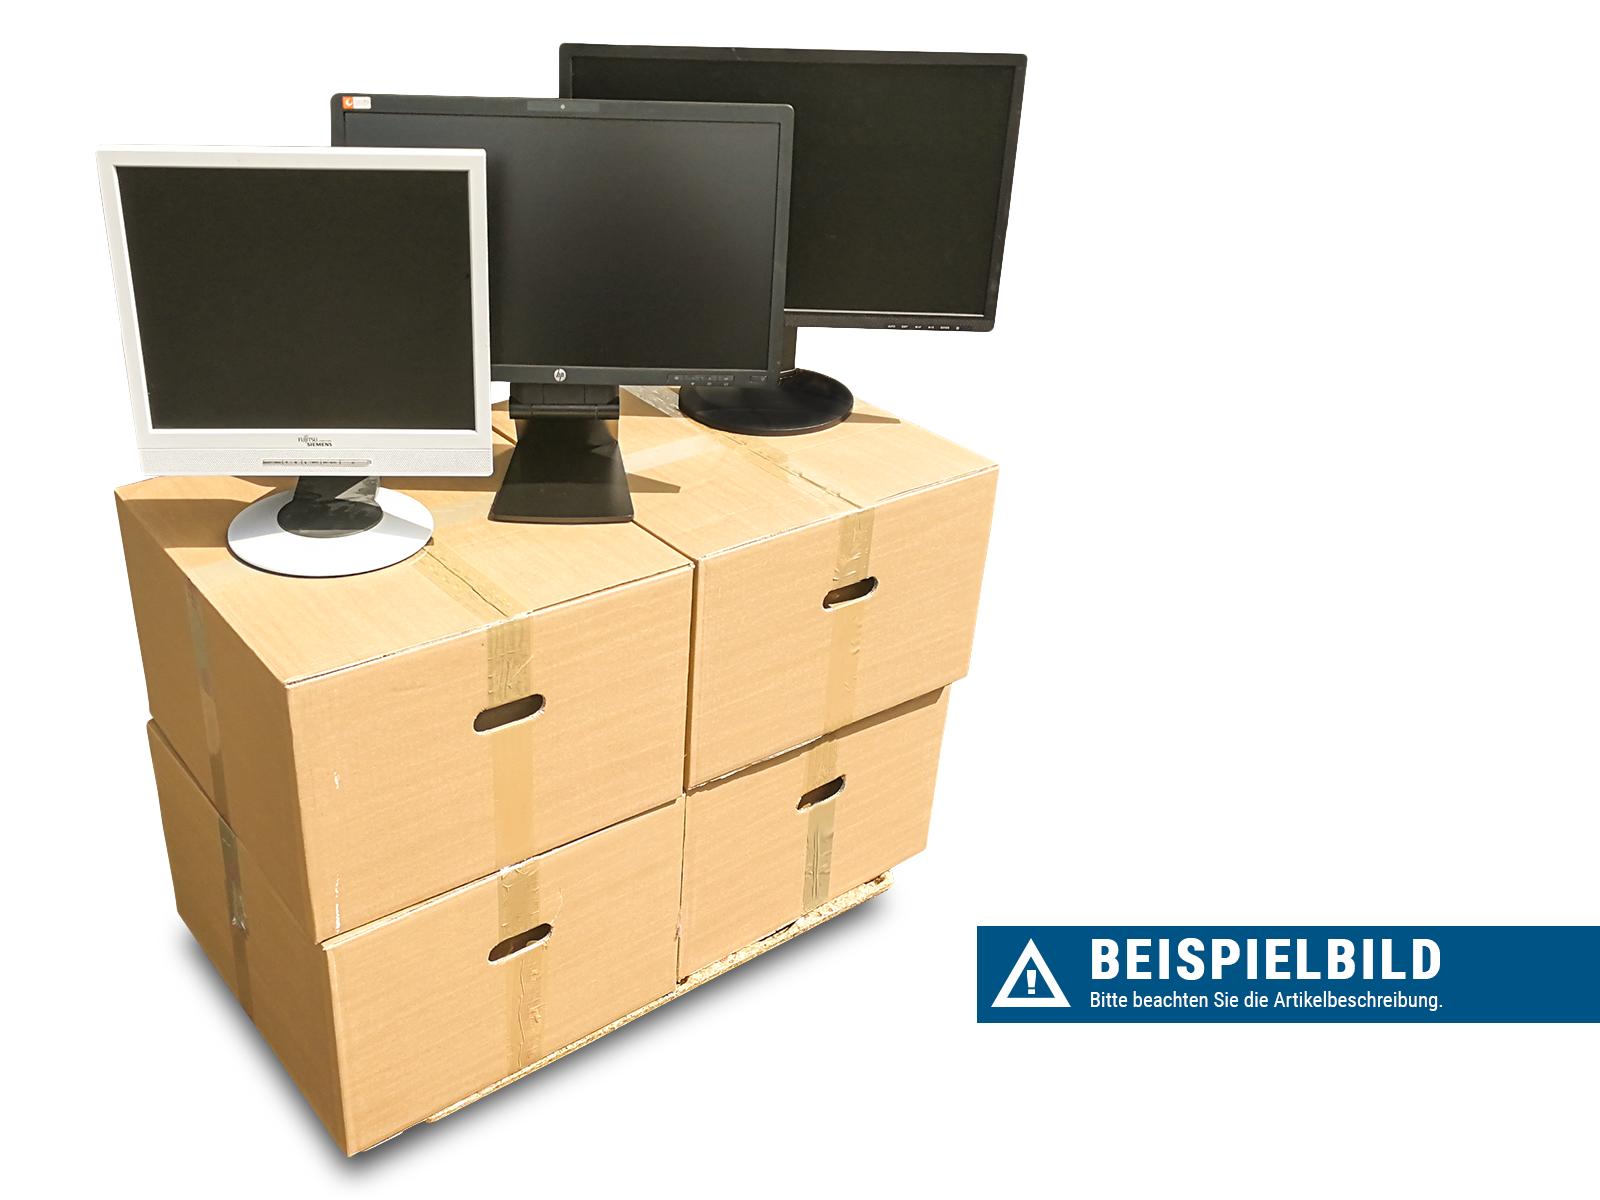 TFT PAKET: 206 Stück lt. Liste - Ohne Gewähr auf Vollständigkeit und Funktionsfähigkeit - Ungetestet direkt vom Endanwender - shop.bb-net.de